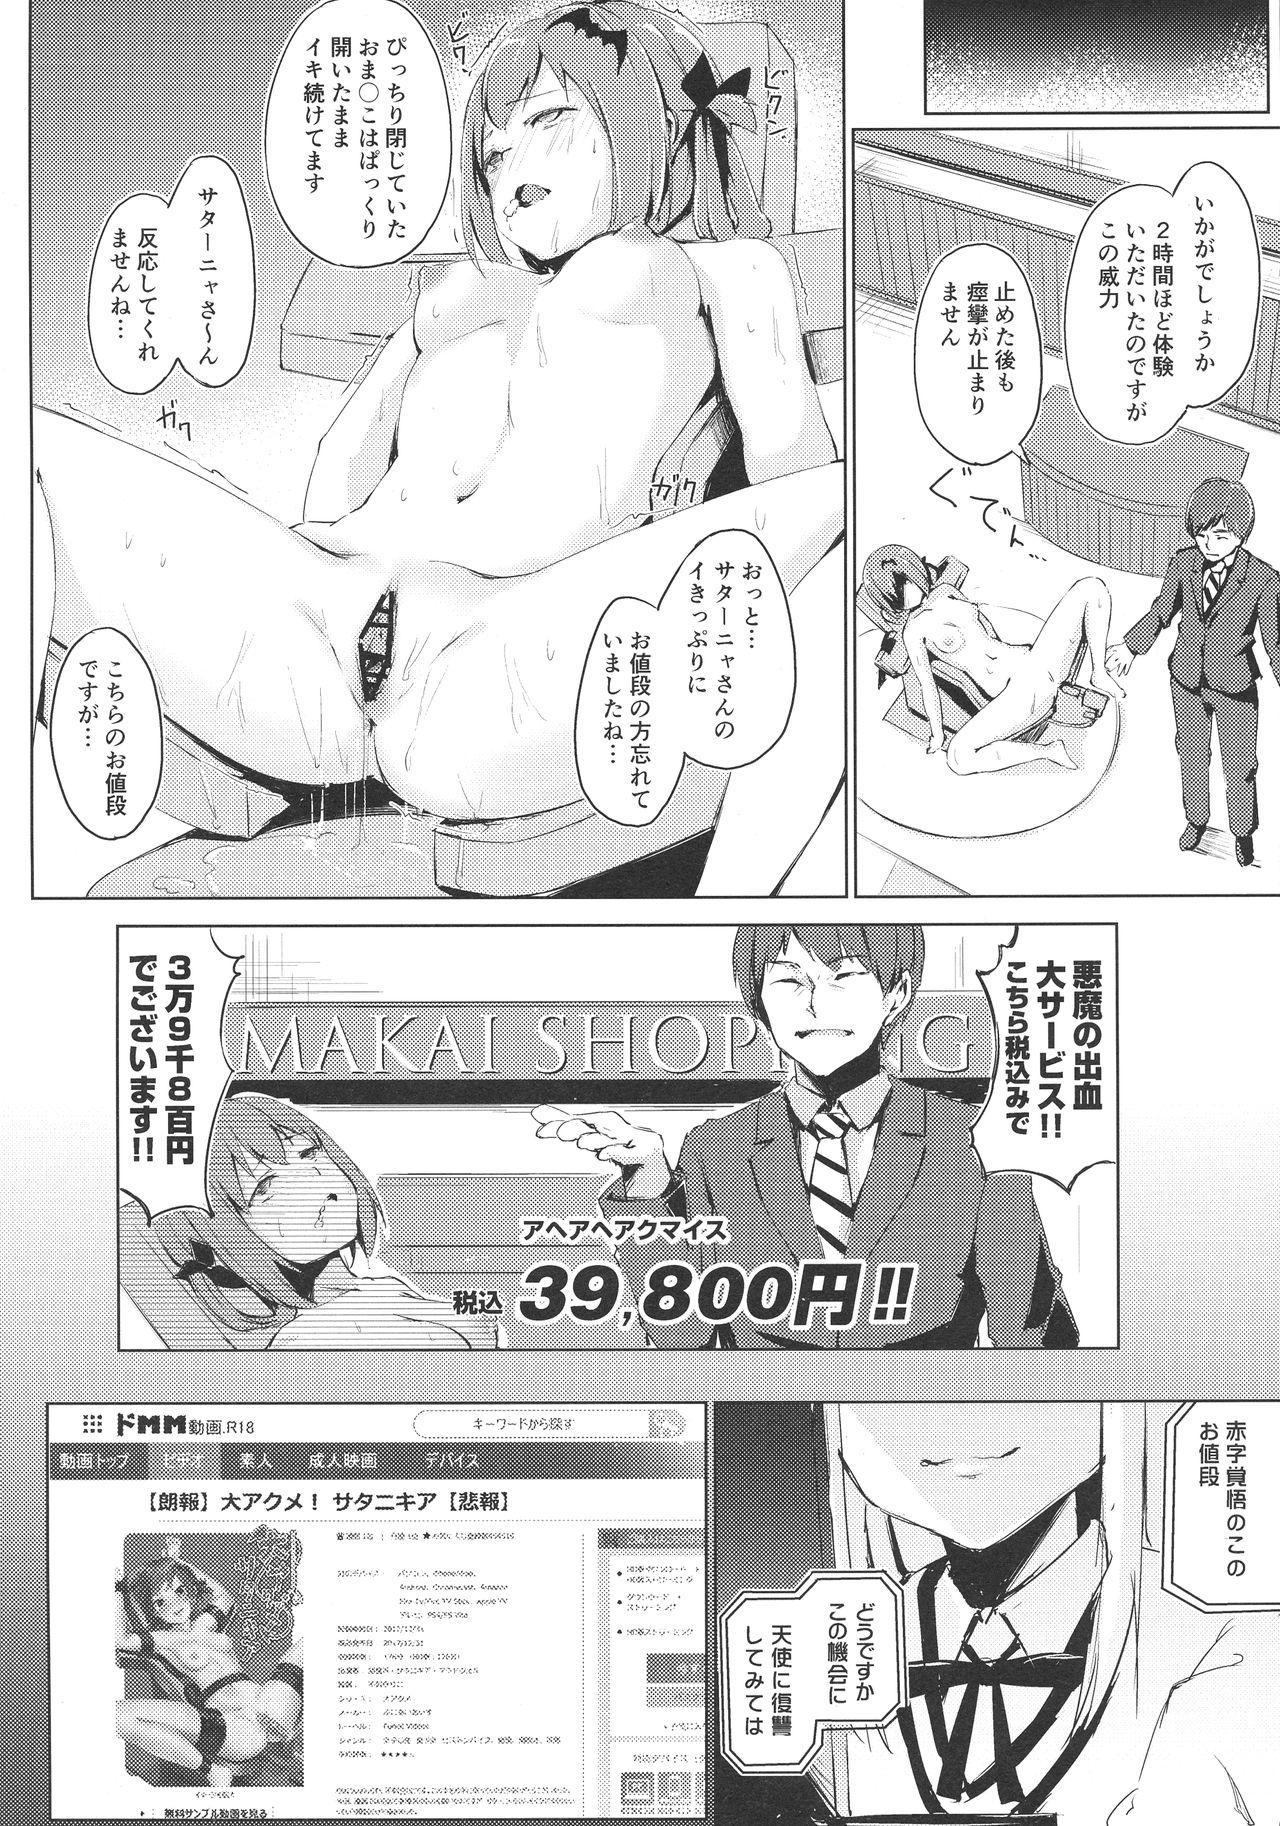 Dai Akume Satanichia 20